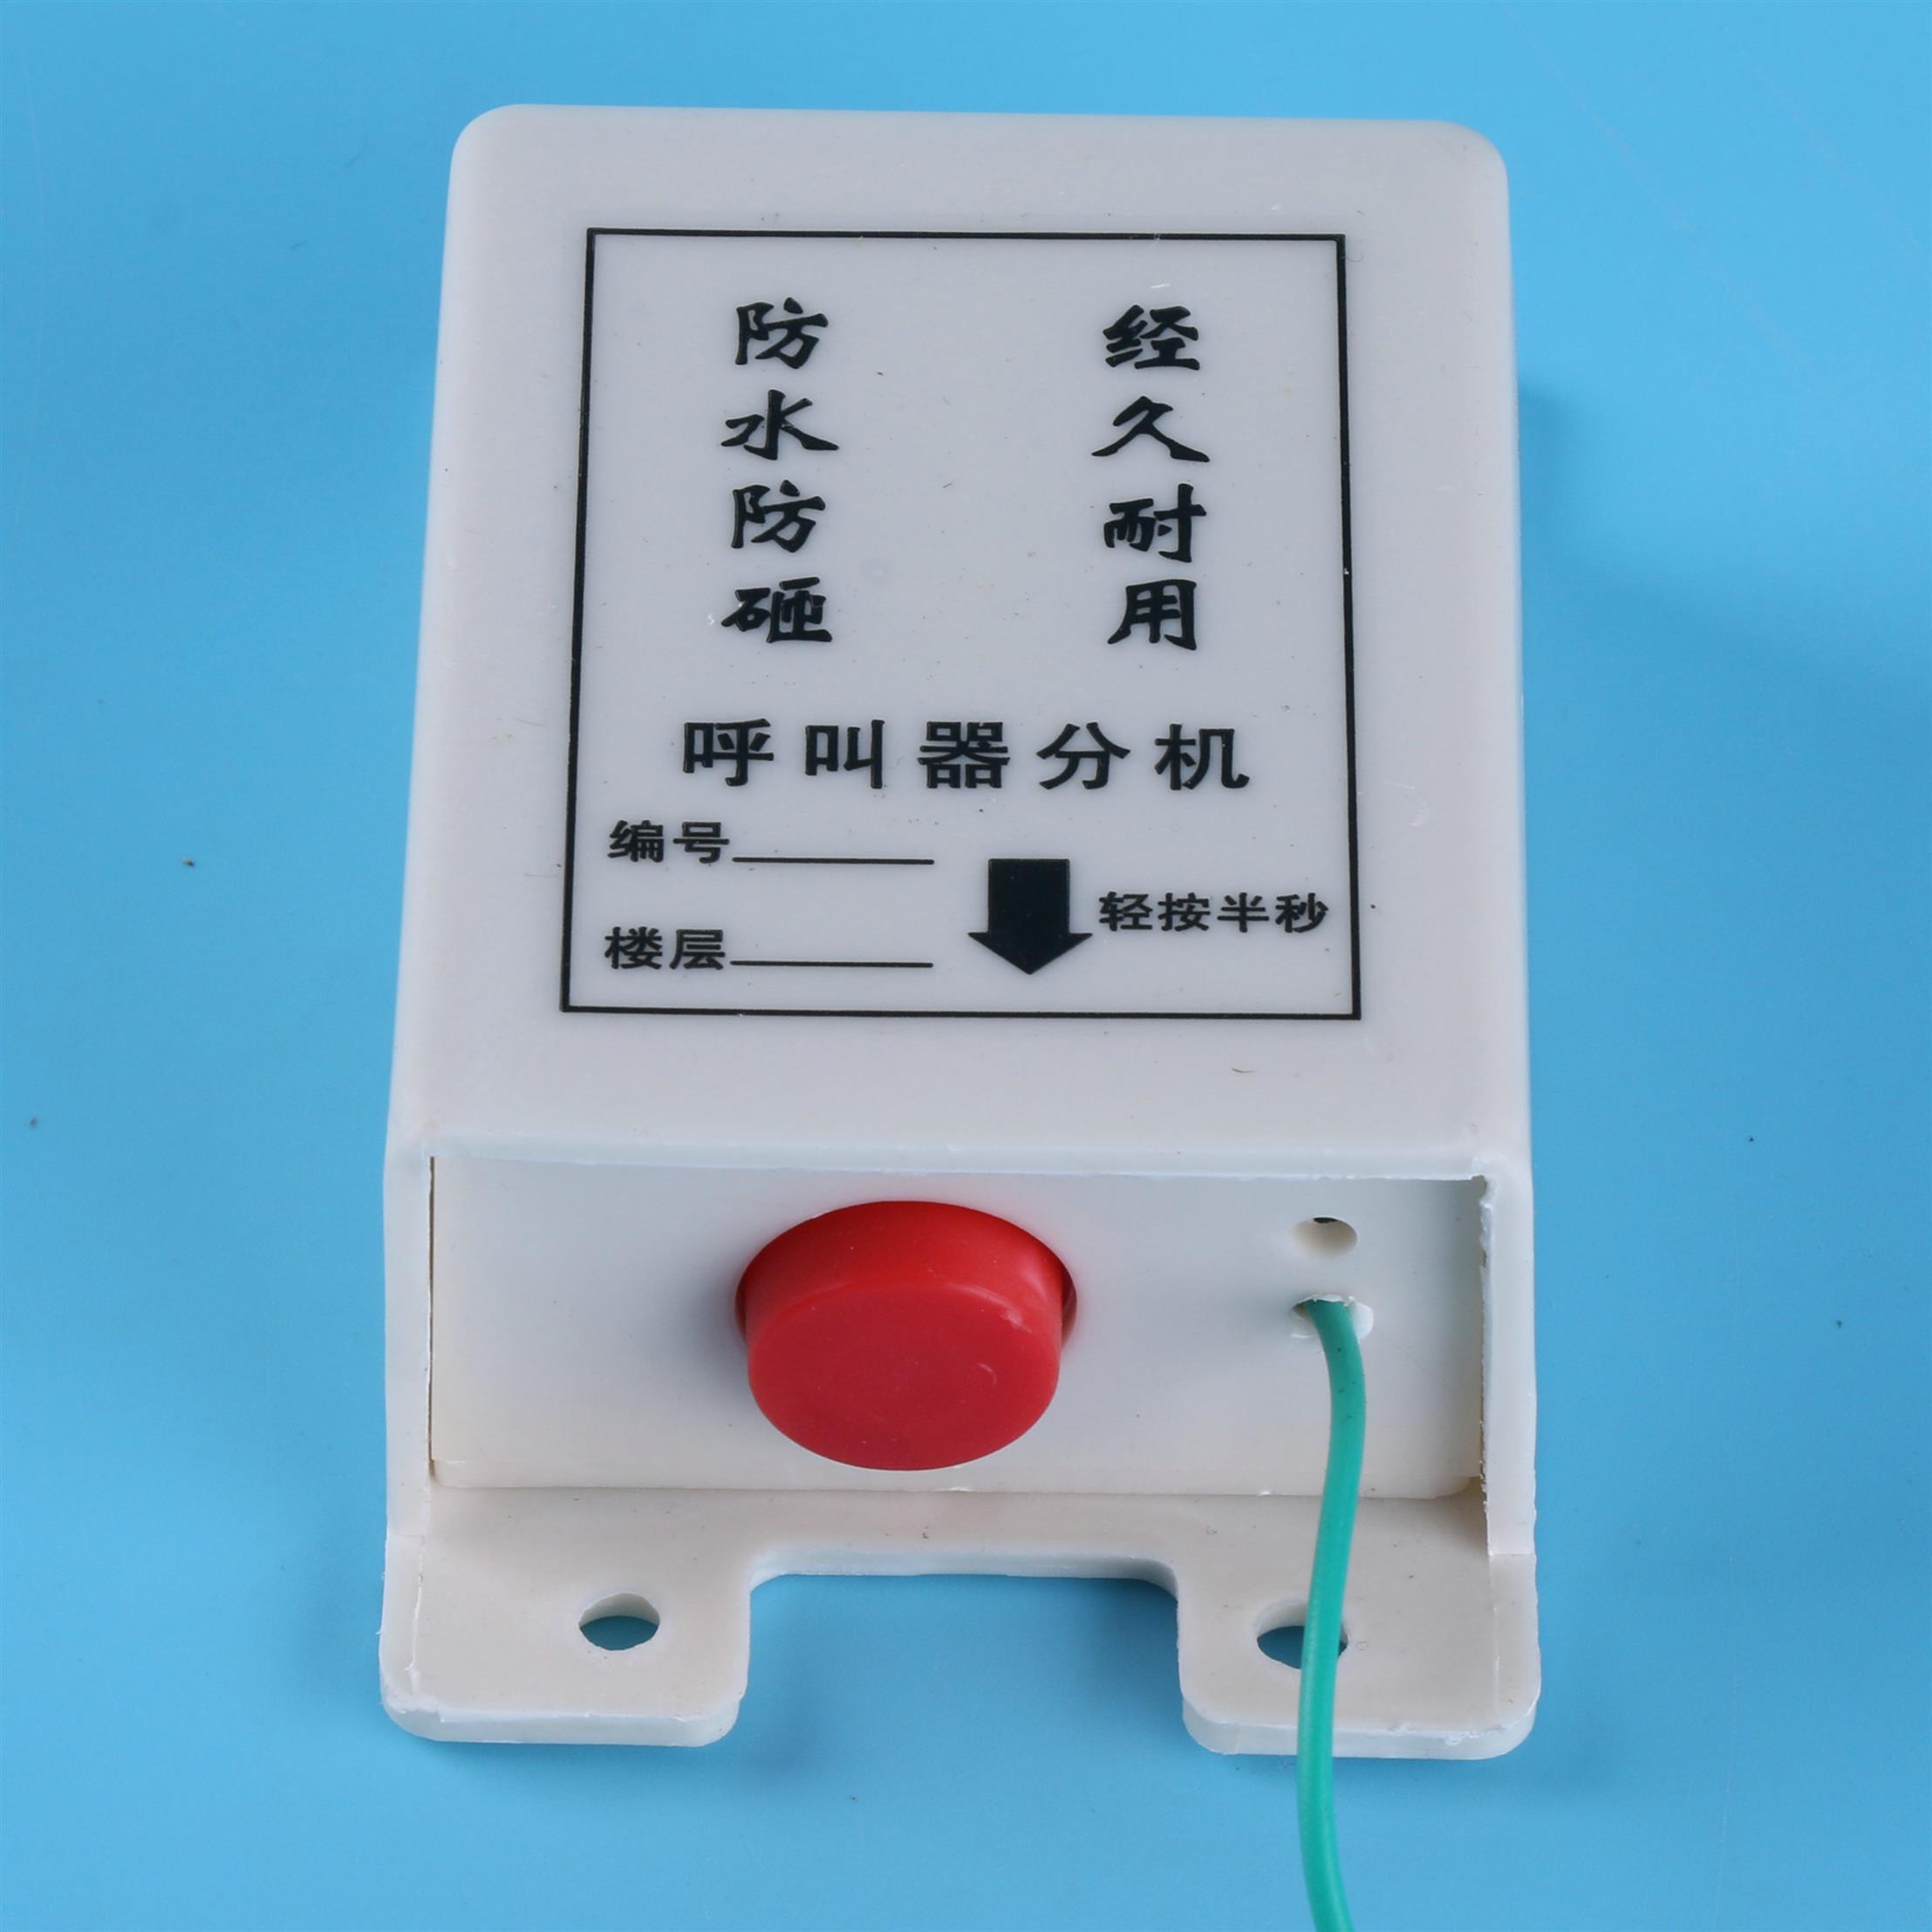 赣州电梯呼叫器